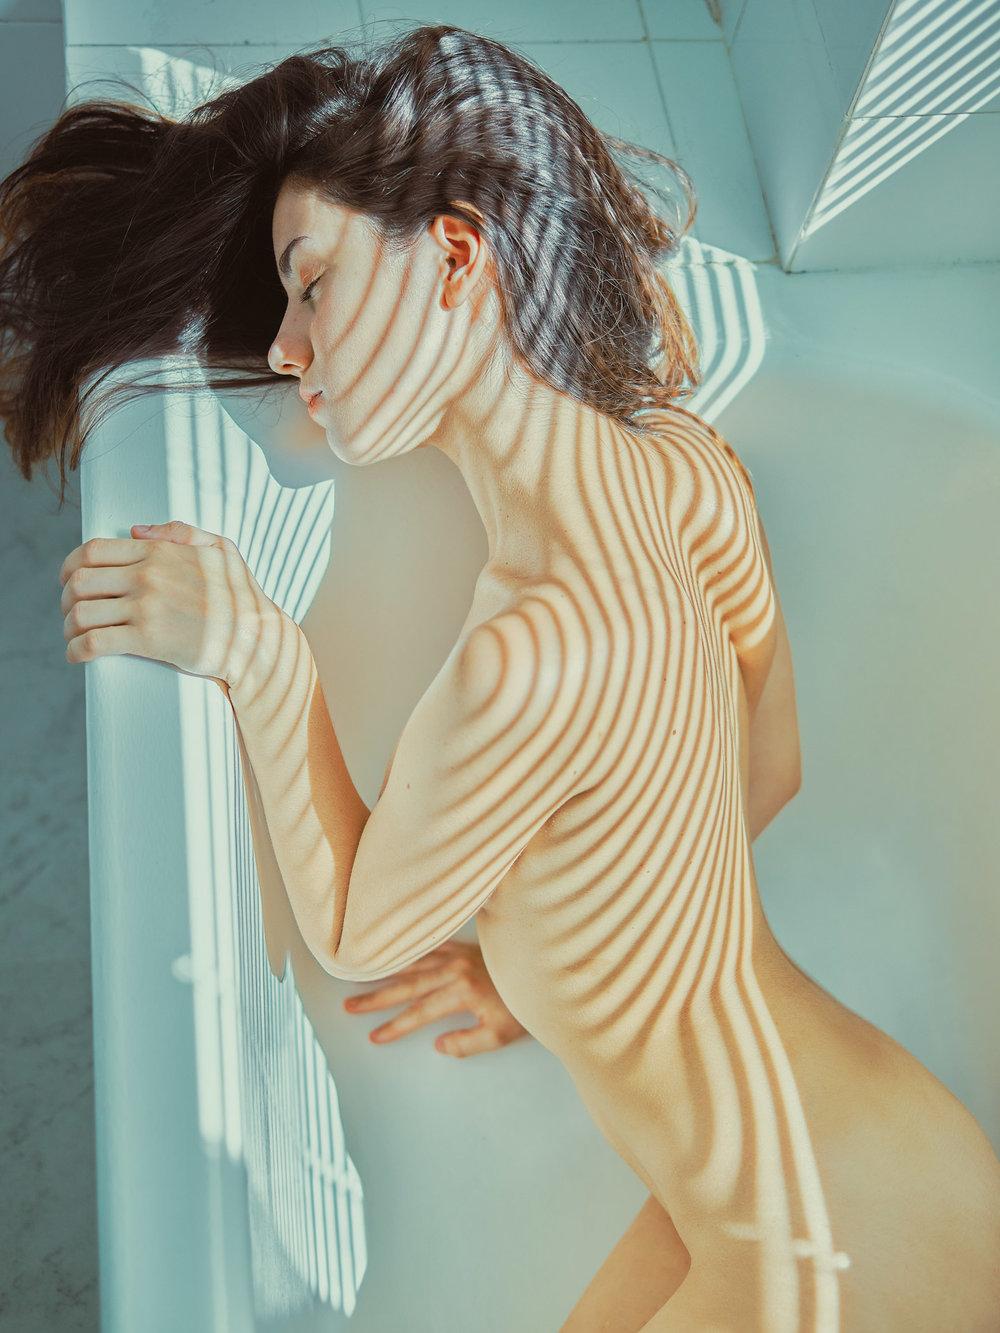 Delaia_Gonzalez_03.jpg